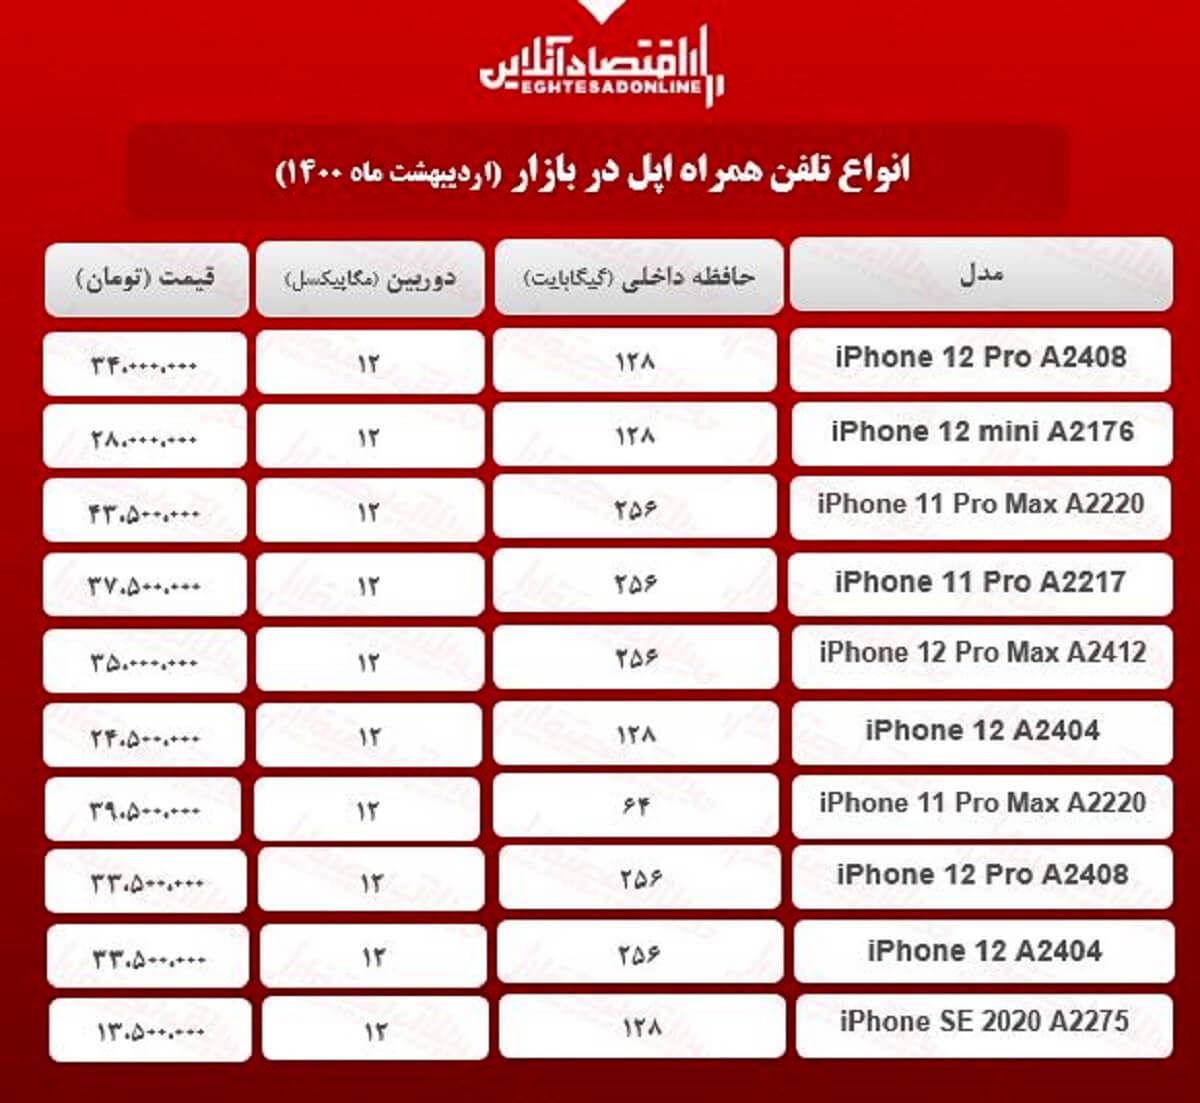 قیمت گوشی اپل در بازار / ۱۸ اردیبهشت